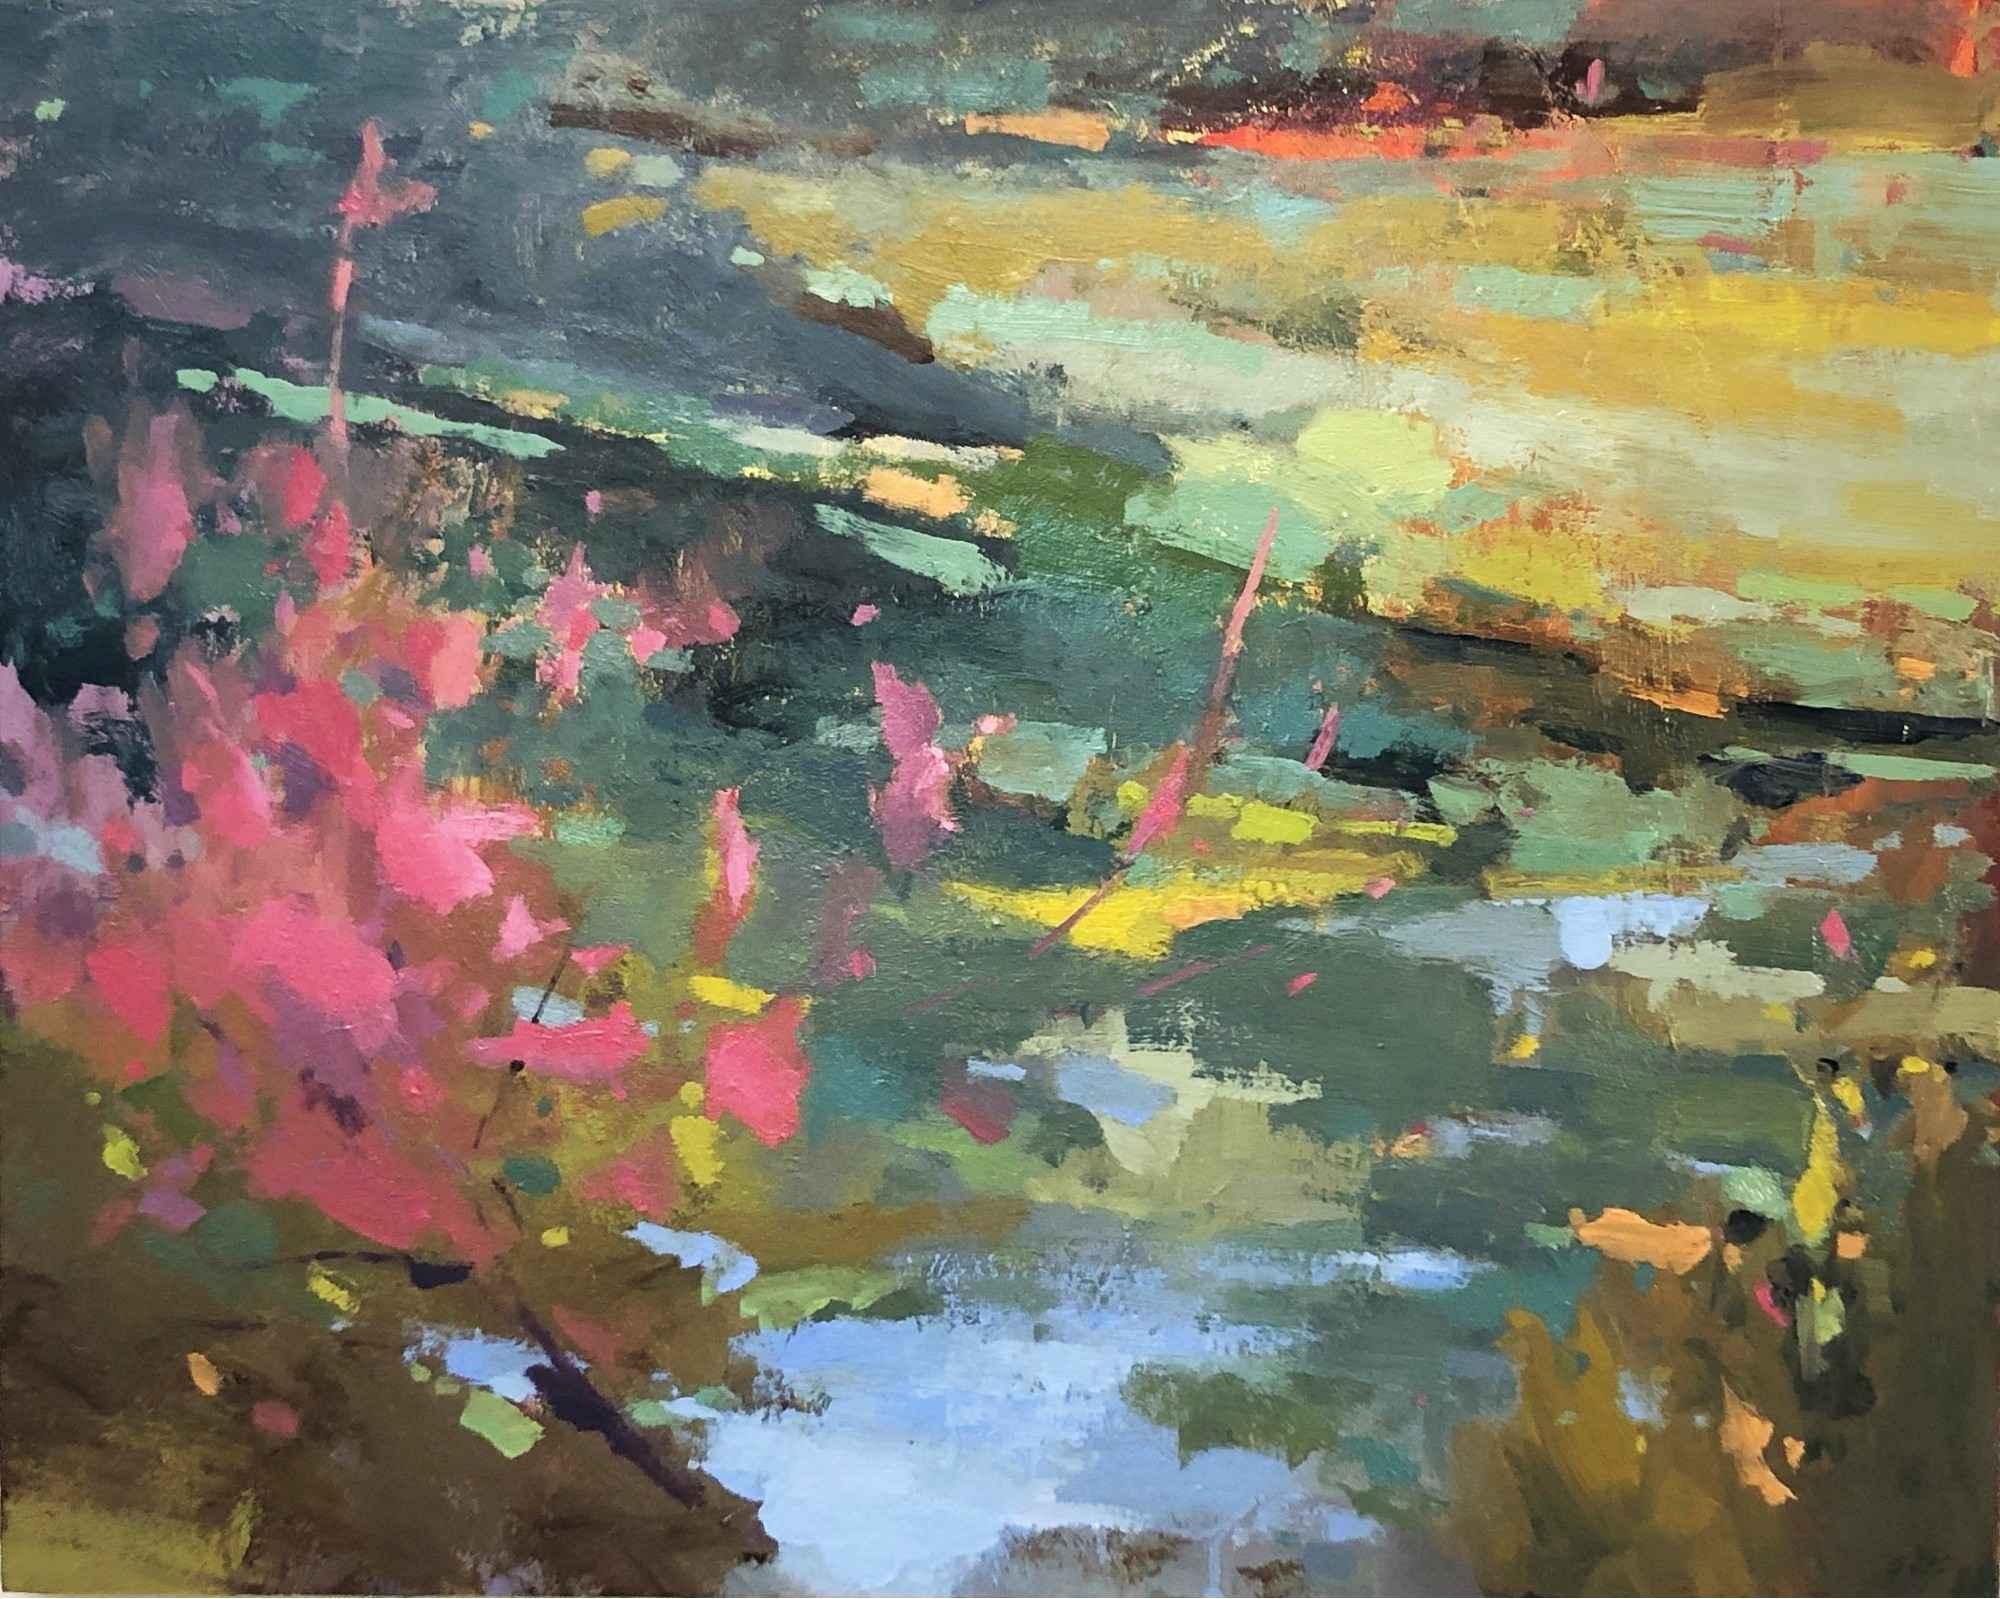 Pink Tree Wetland by  Scott Gellatly - Masterpiece Online